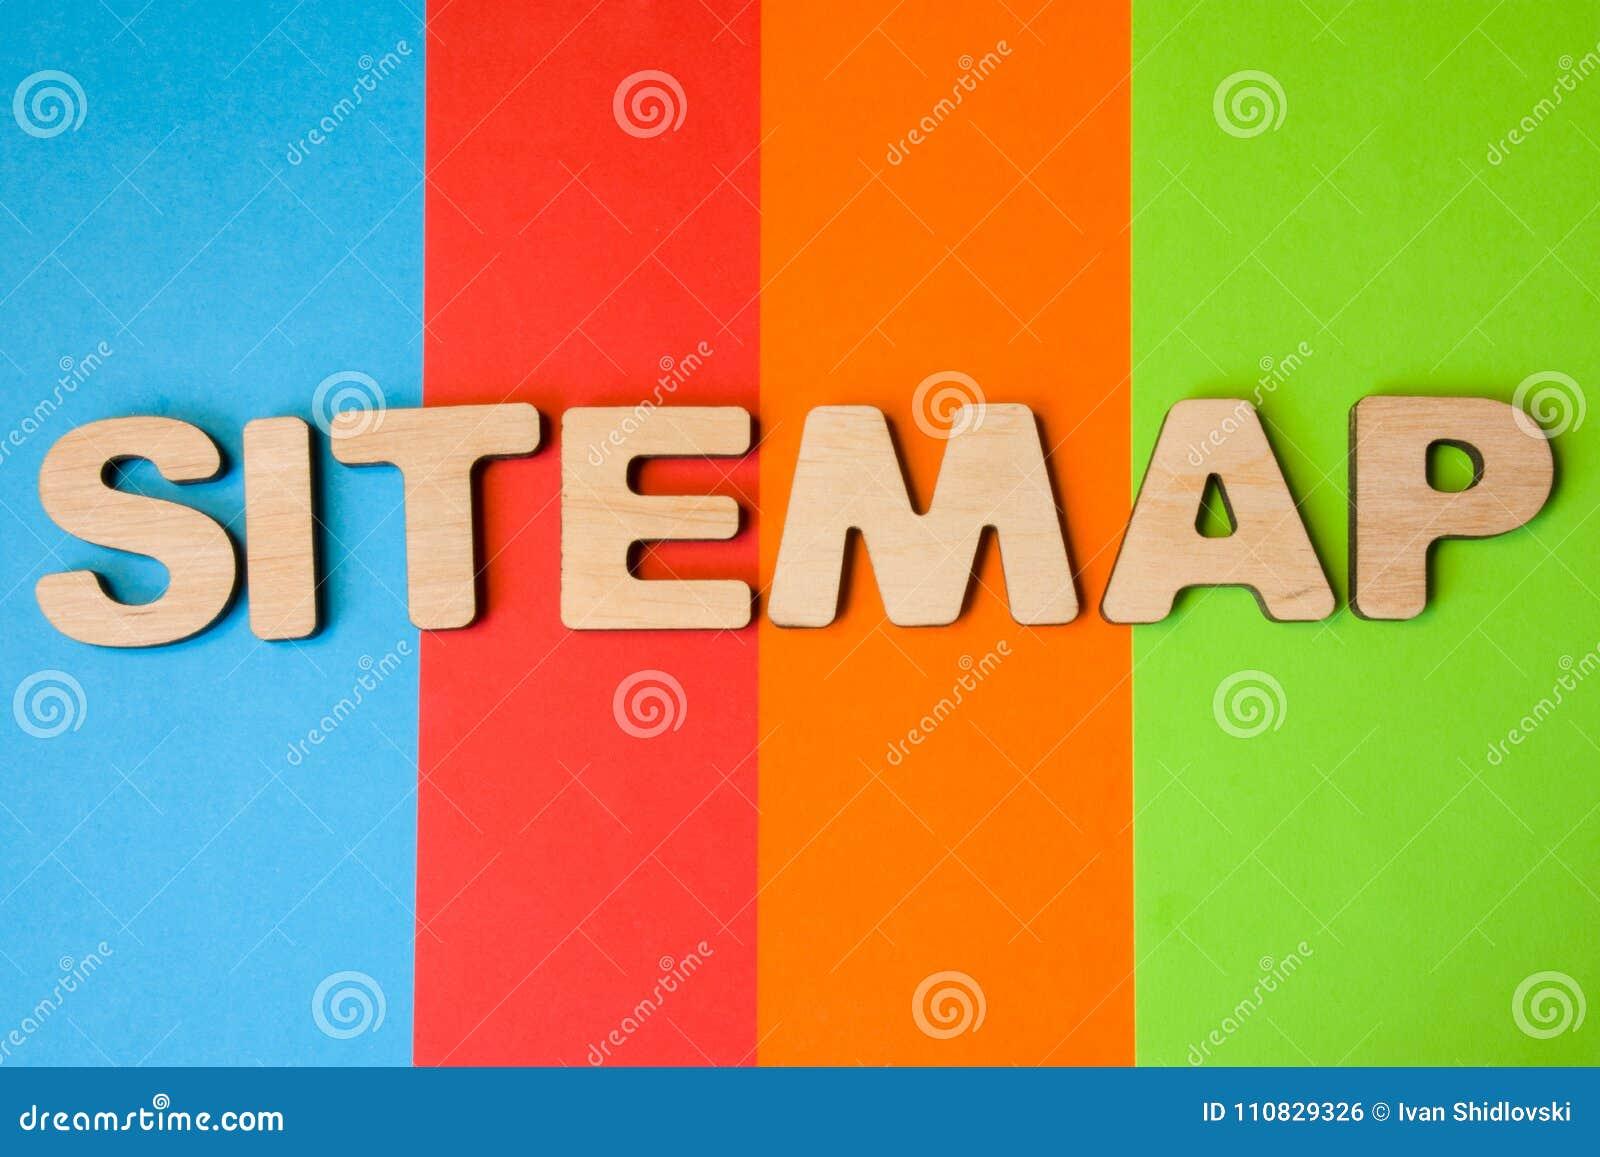 Redacte Sitemap de letras de madera grandes en el fondo coloreado de 4 colores: azul, anaranjado, rojo y verde Sitemap del concep